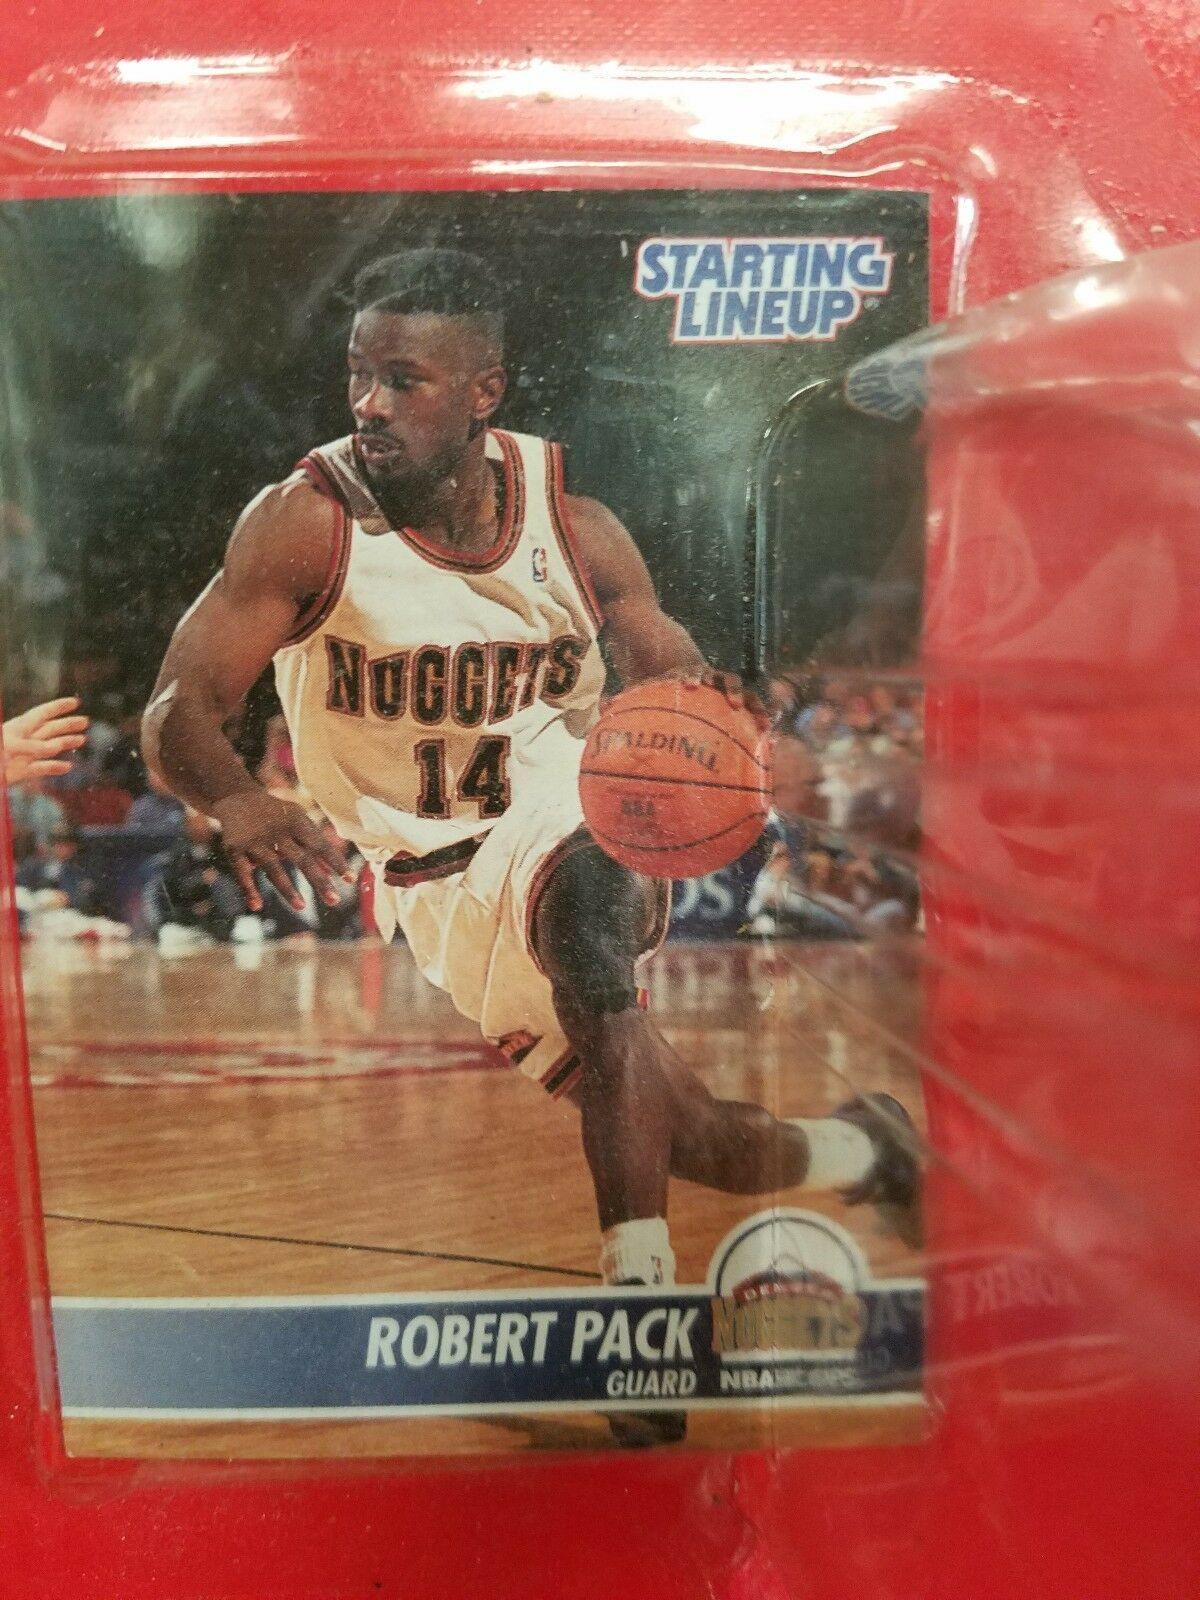 1995 ROOKIE STARTING LINEUP - SLU - NBA - ROBERT PACK - DENVER NUGGETS